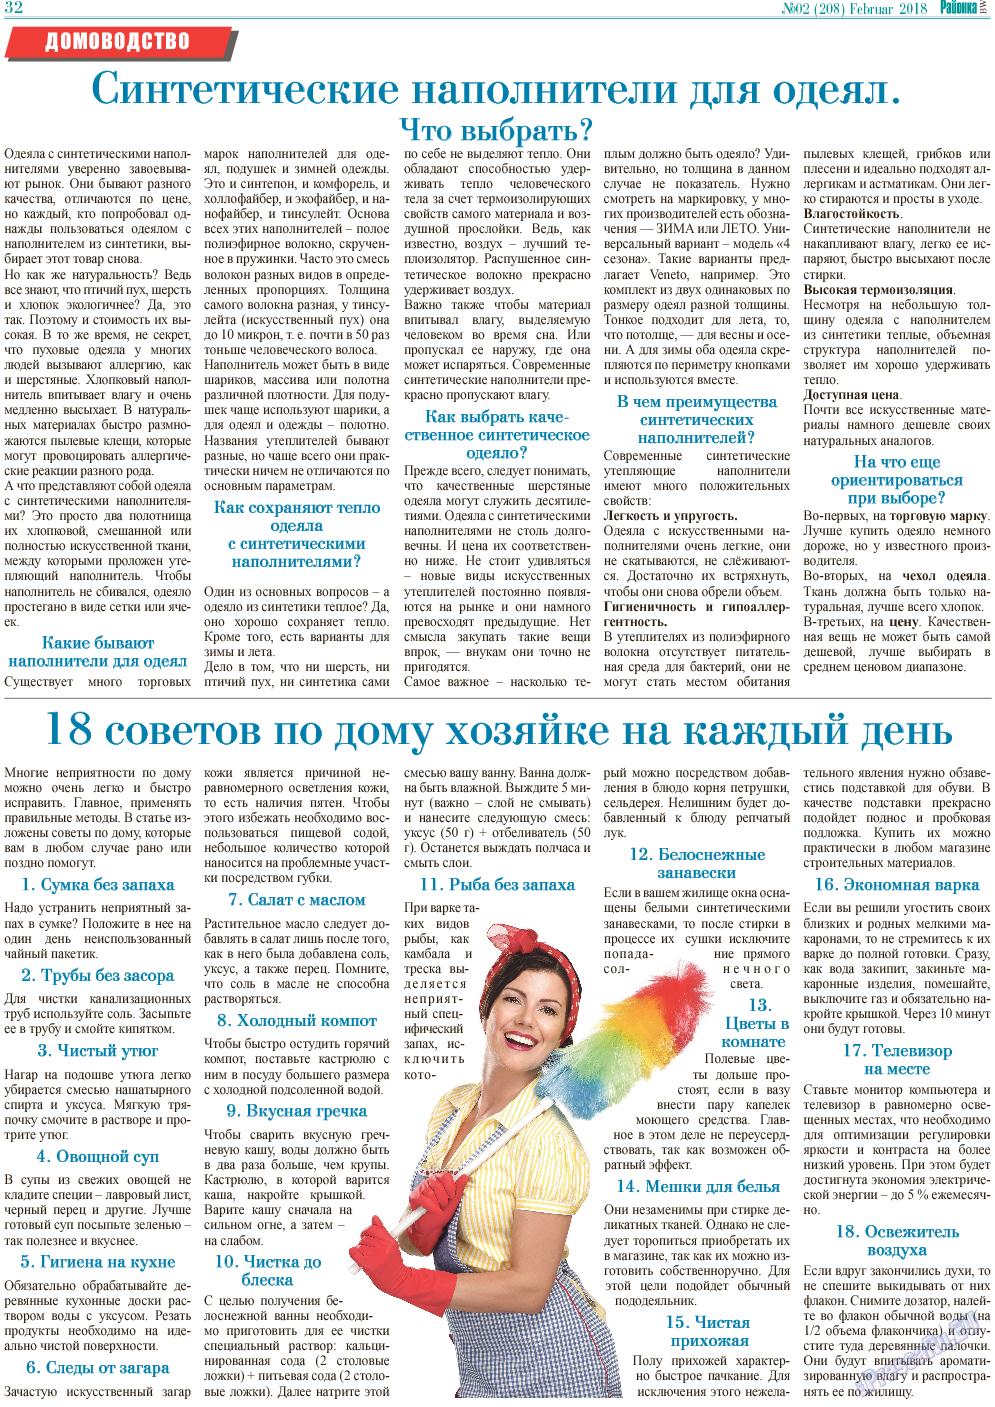 Районка-West (газета). 2018 год, номер 2, стр. 32